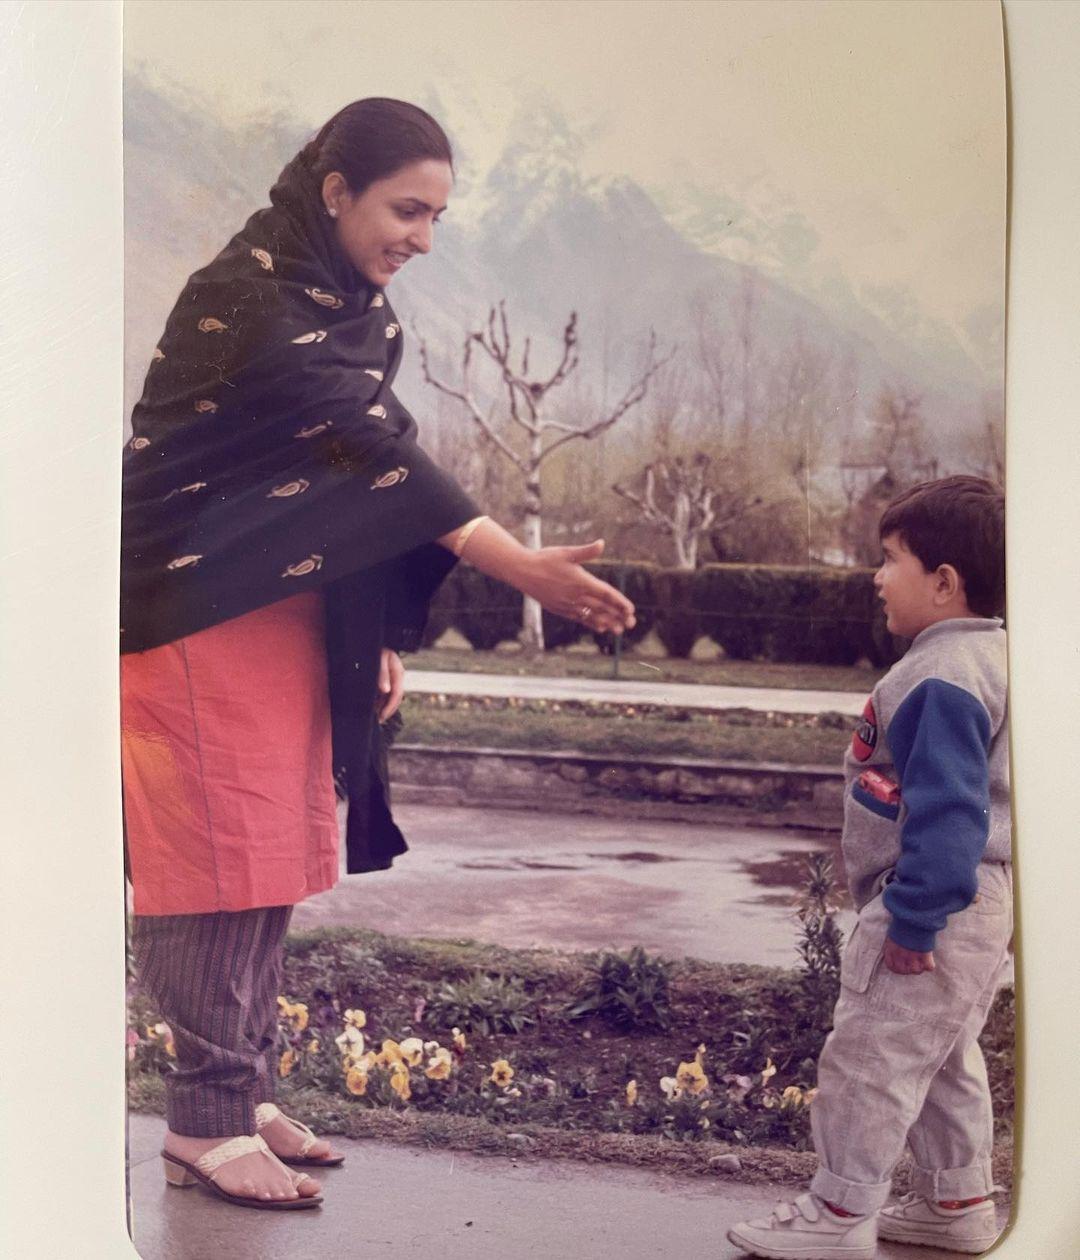 anand ahuja with mother priya